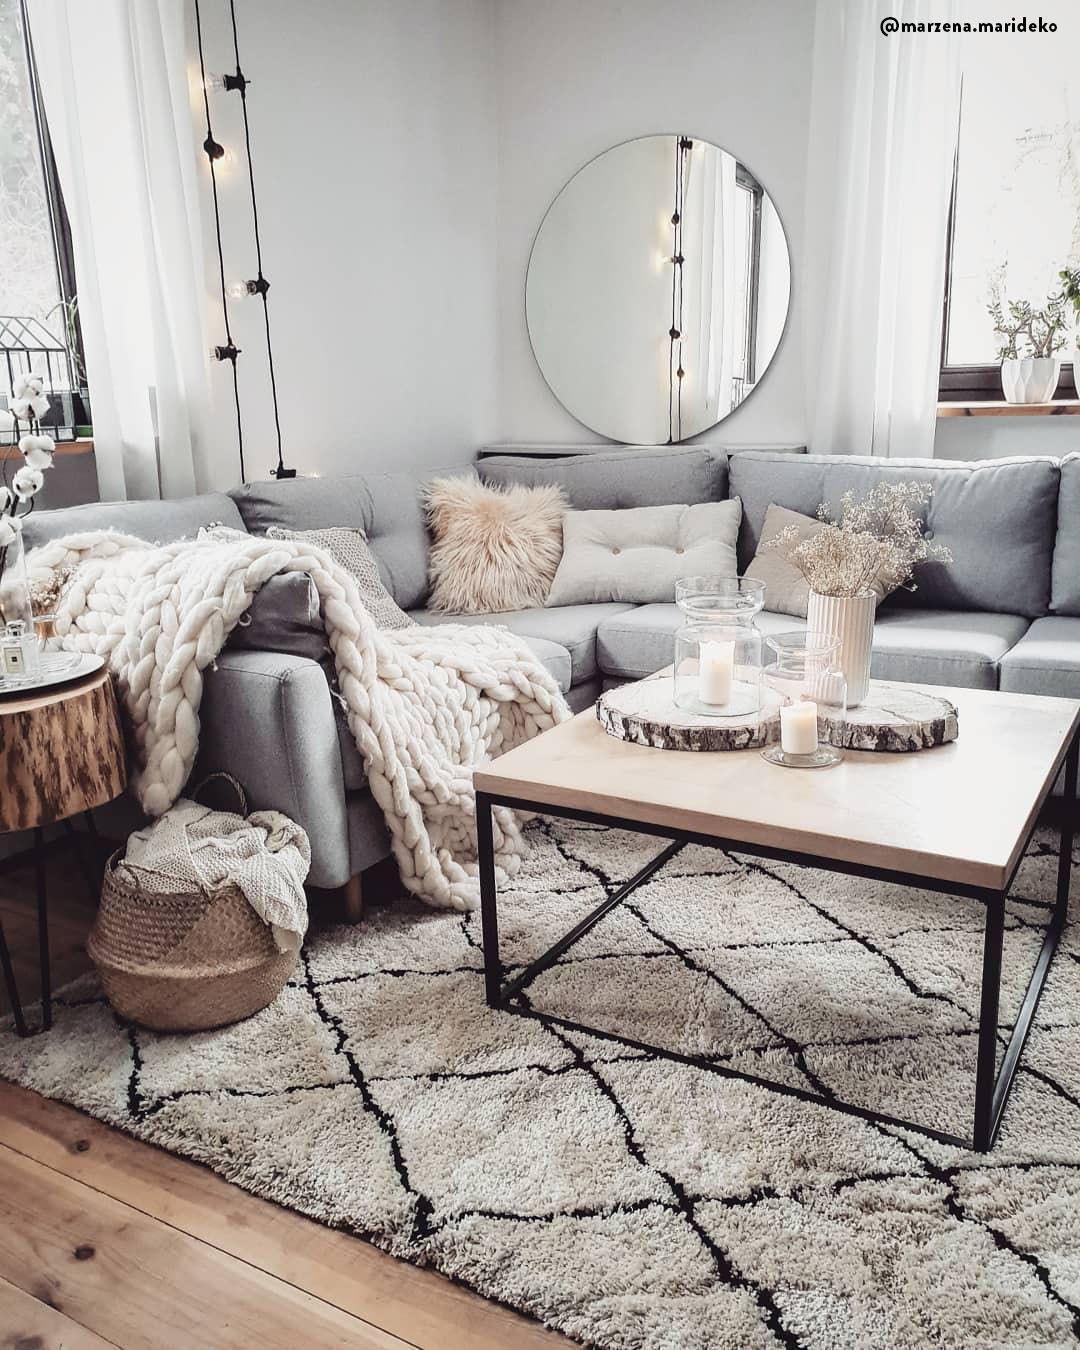 Questo è il divano nel quale vorremmo sprofondare ogni sera! I cuscini, le cope…